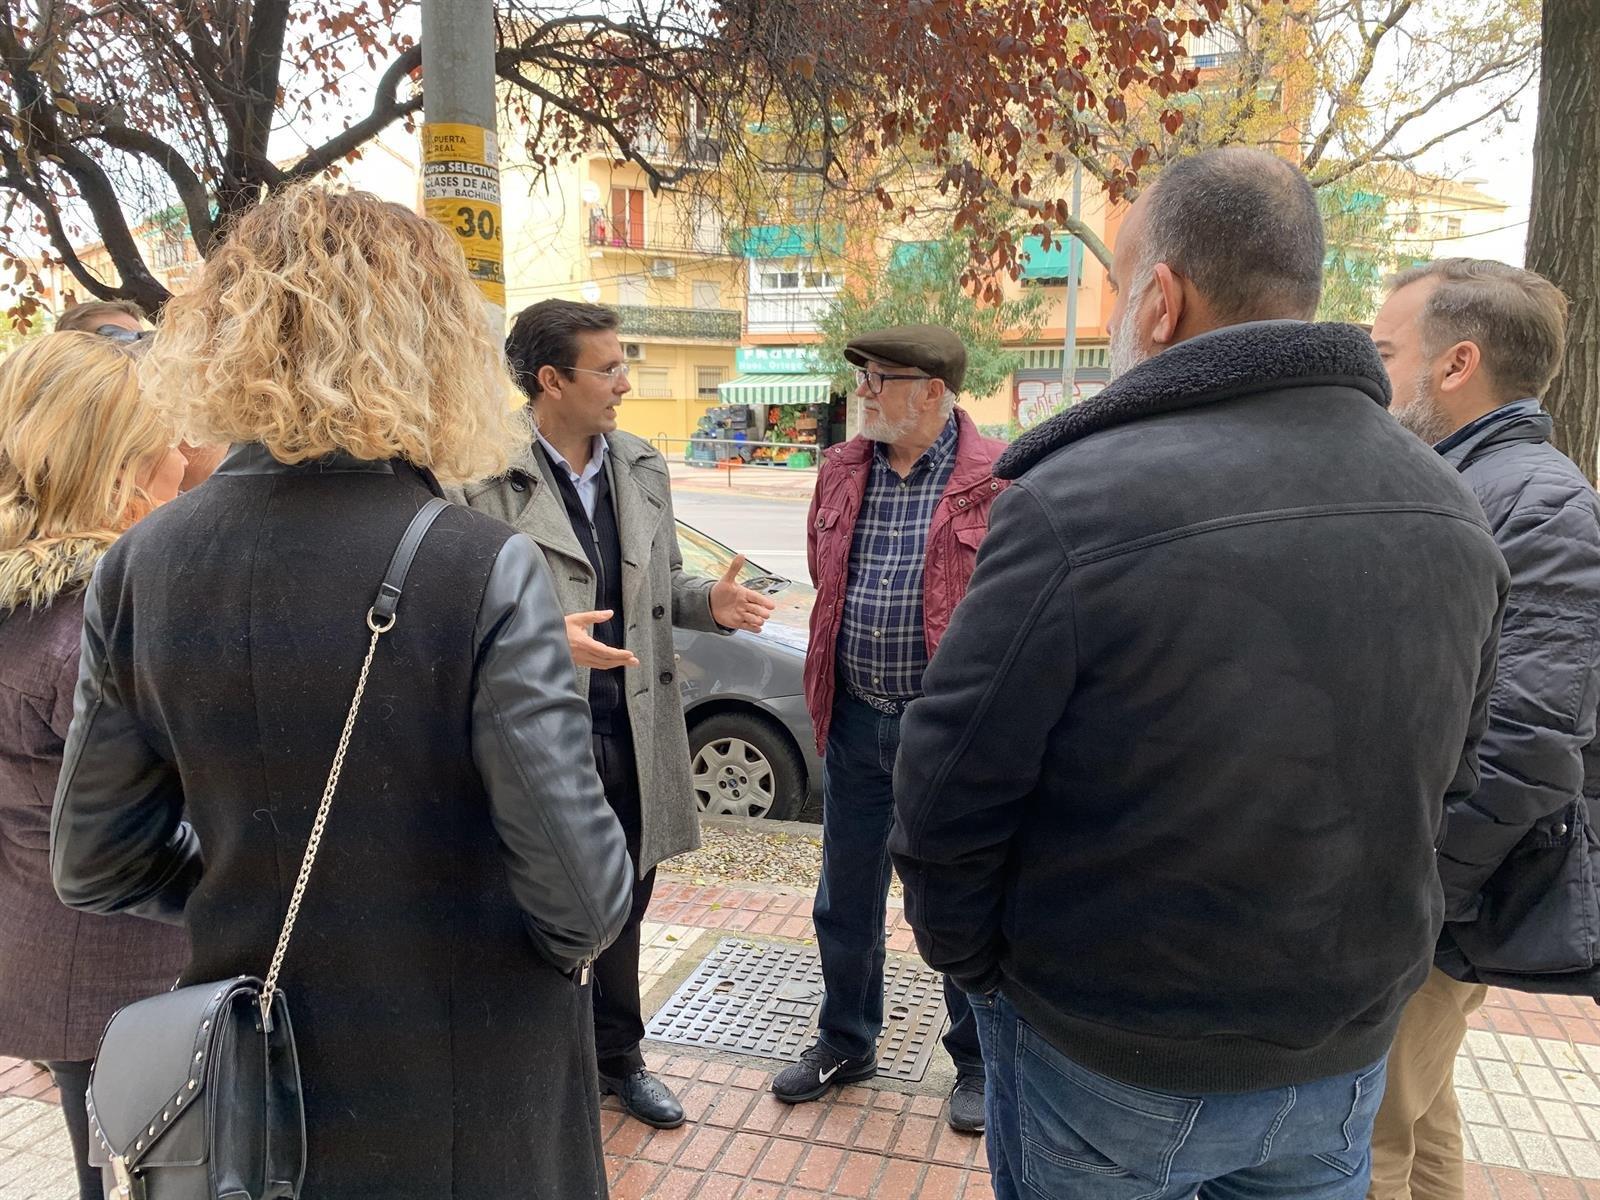 El PSOE pedirá en el próximo Pleno que el Ayuntamiento no autorice más casas de apuestas en los barrios